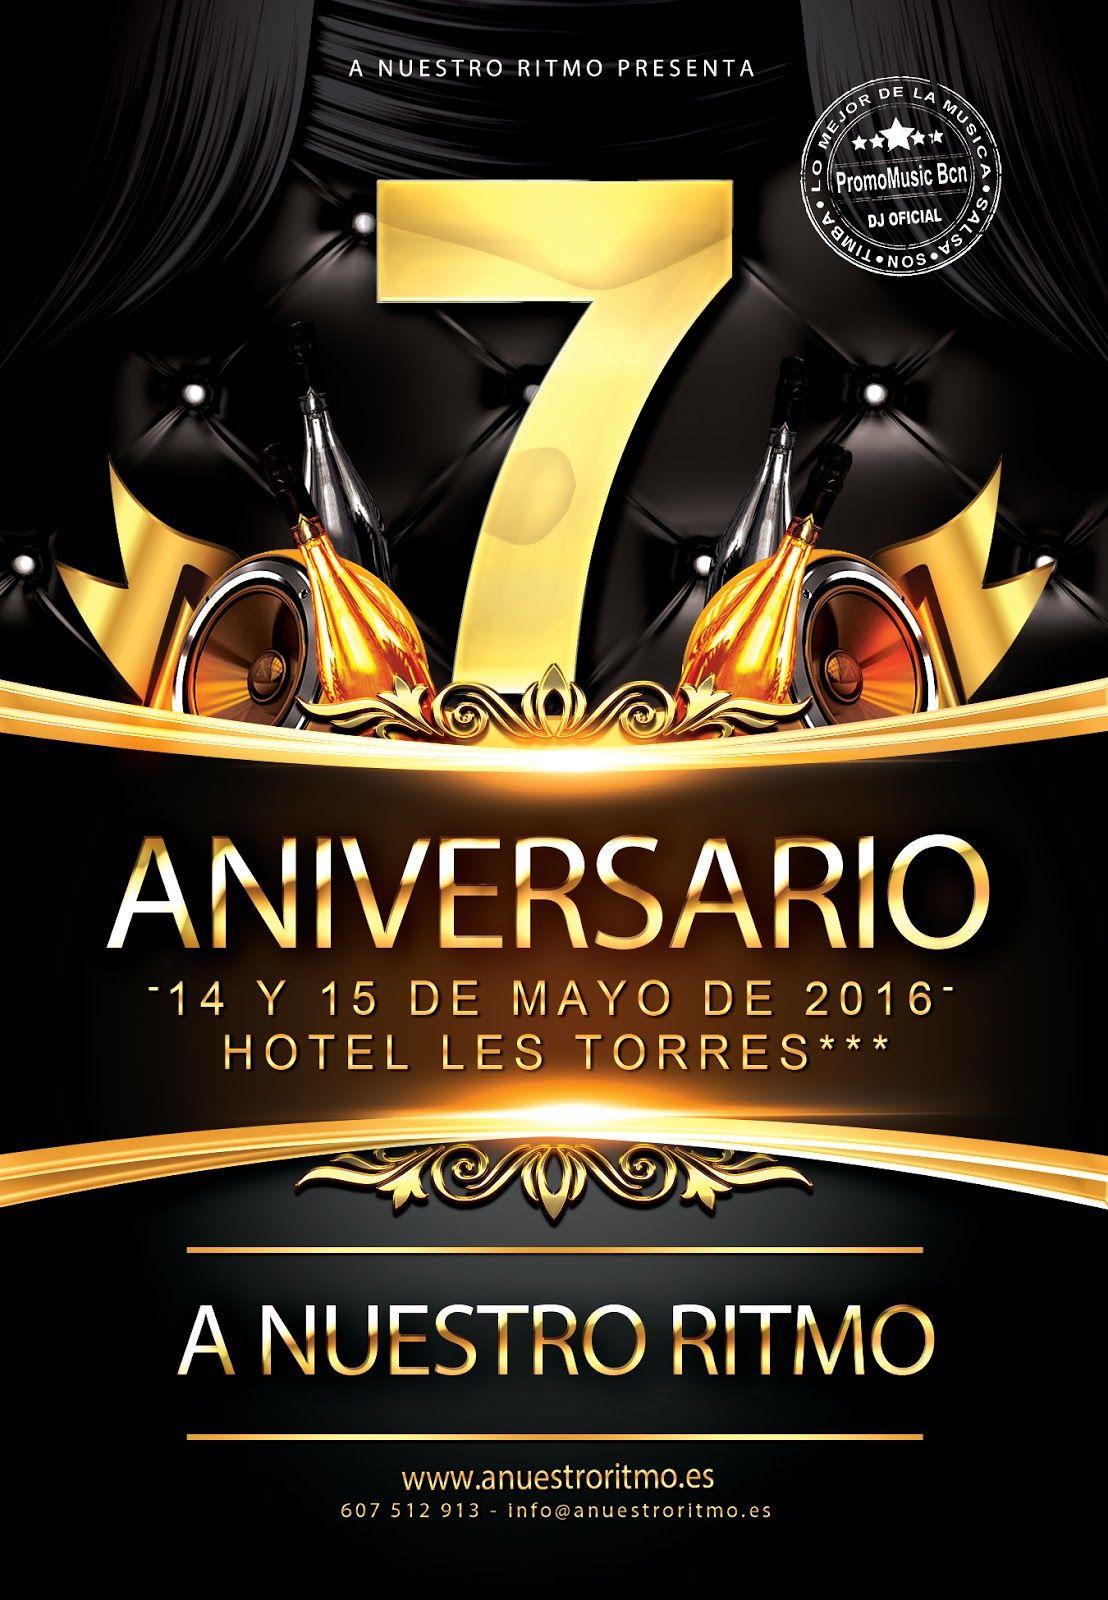 AnniversaryFlyerJpg   El Quetzal